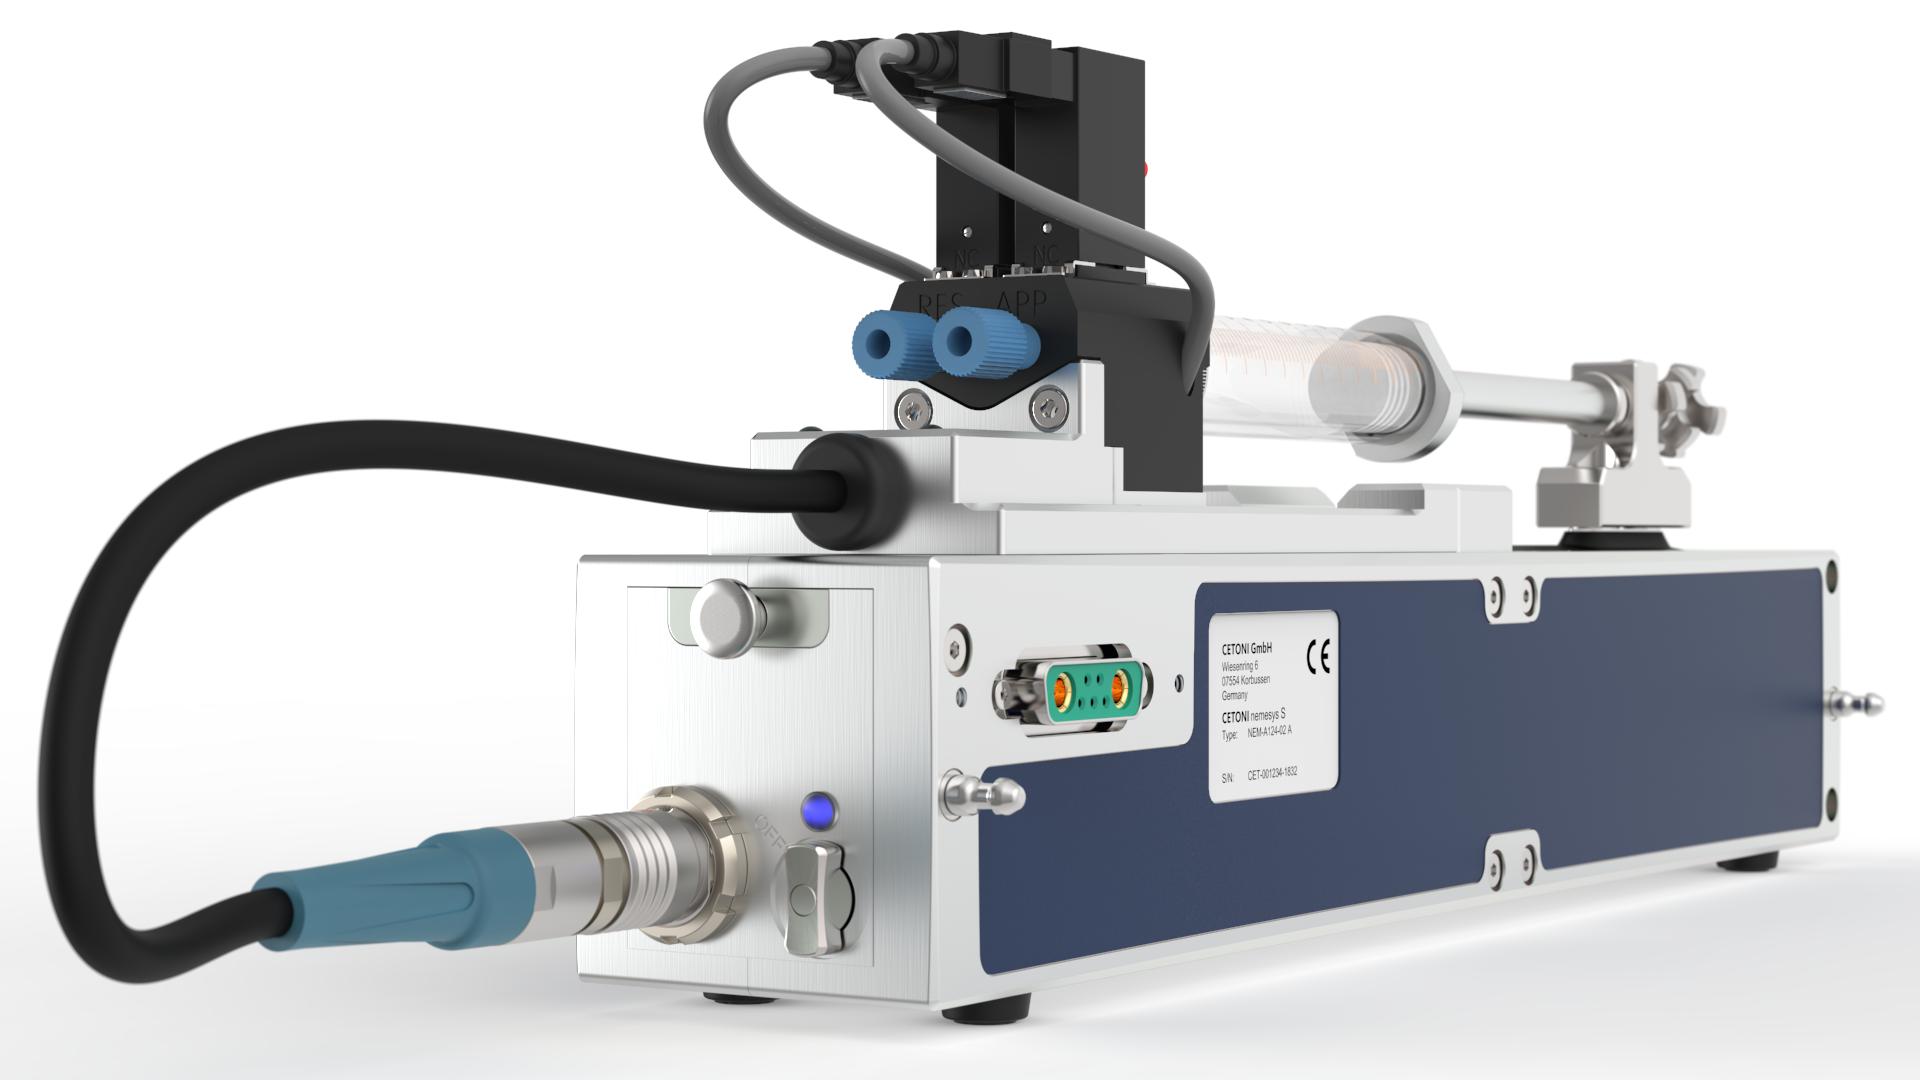 Contiflow valve for Nemesys S